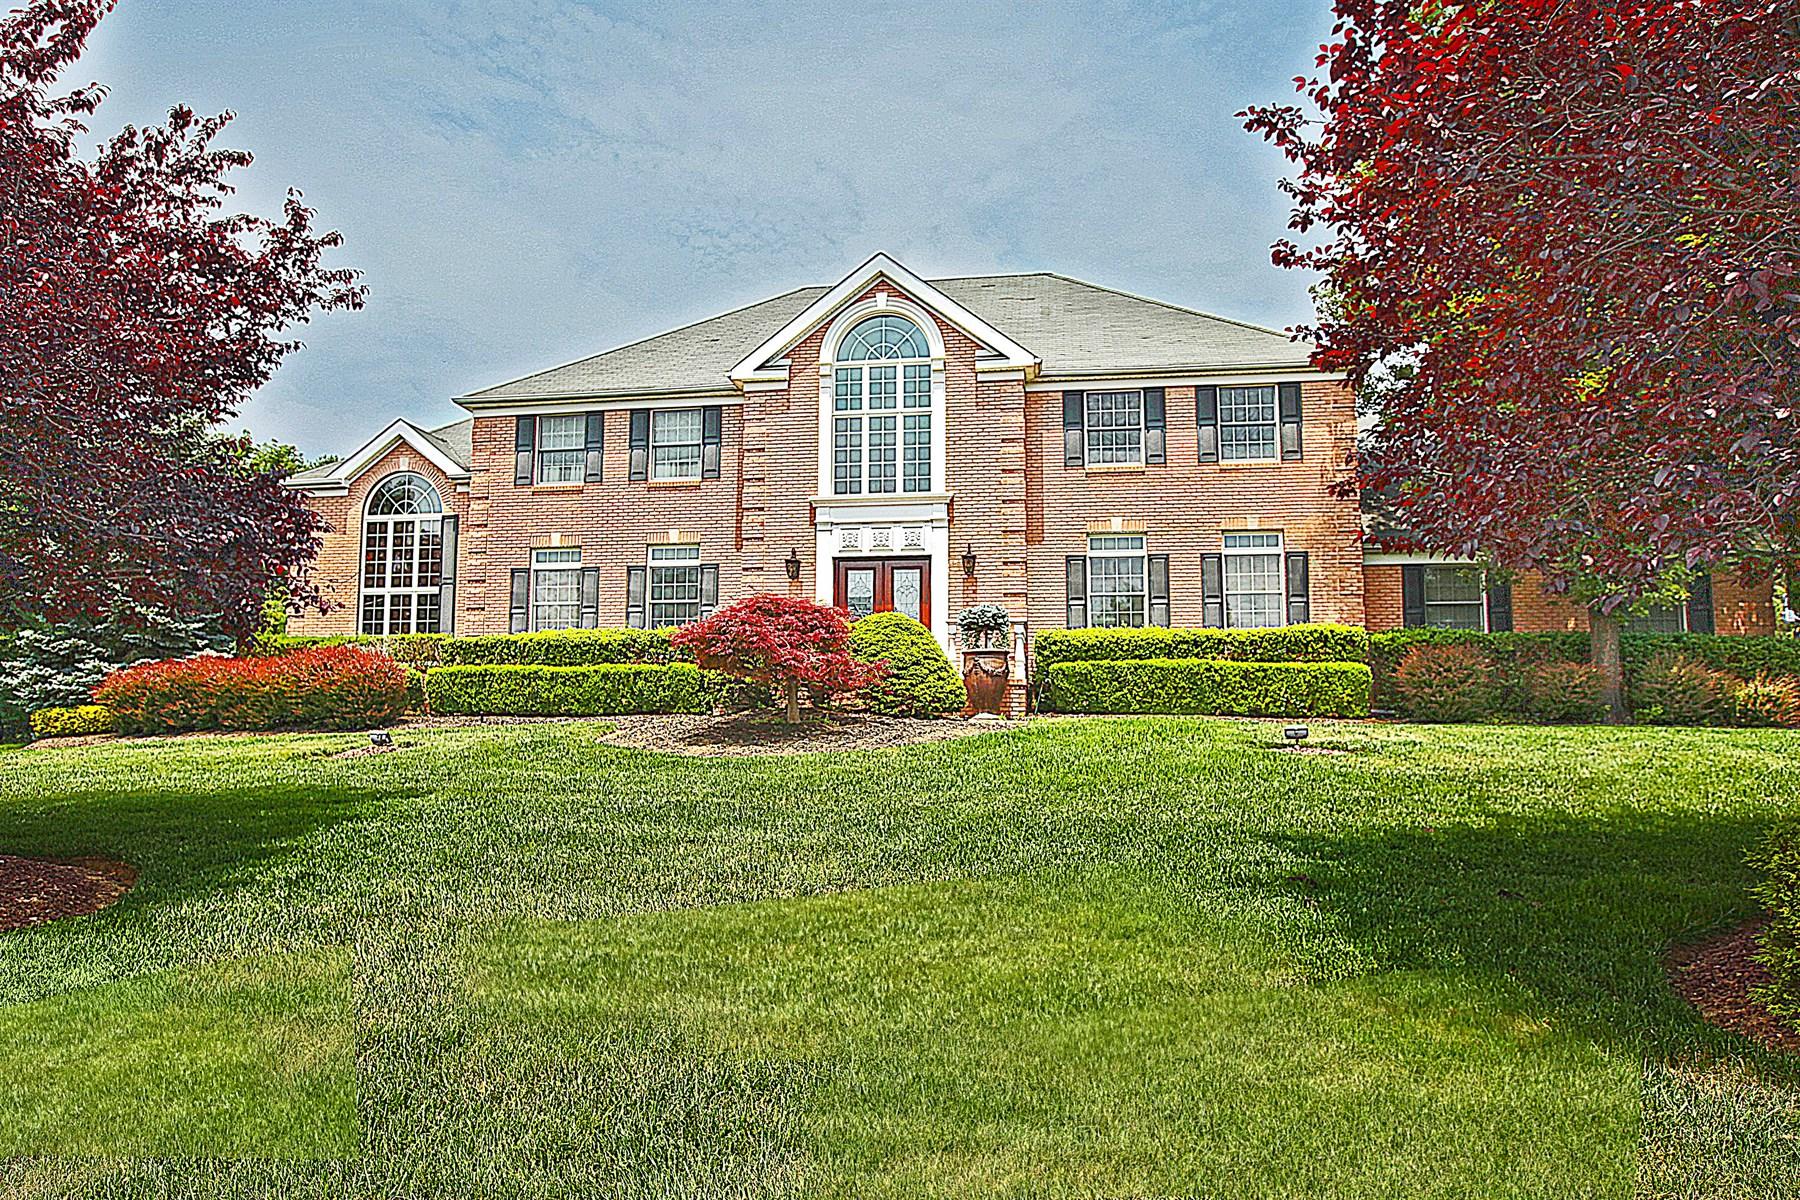 Частный односемейный дом для того Продажа на 3 White Cedar Lane Holmdel, Нью-Джерси 07733 Соединенные Штаты